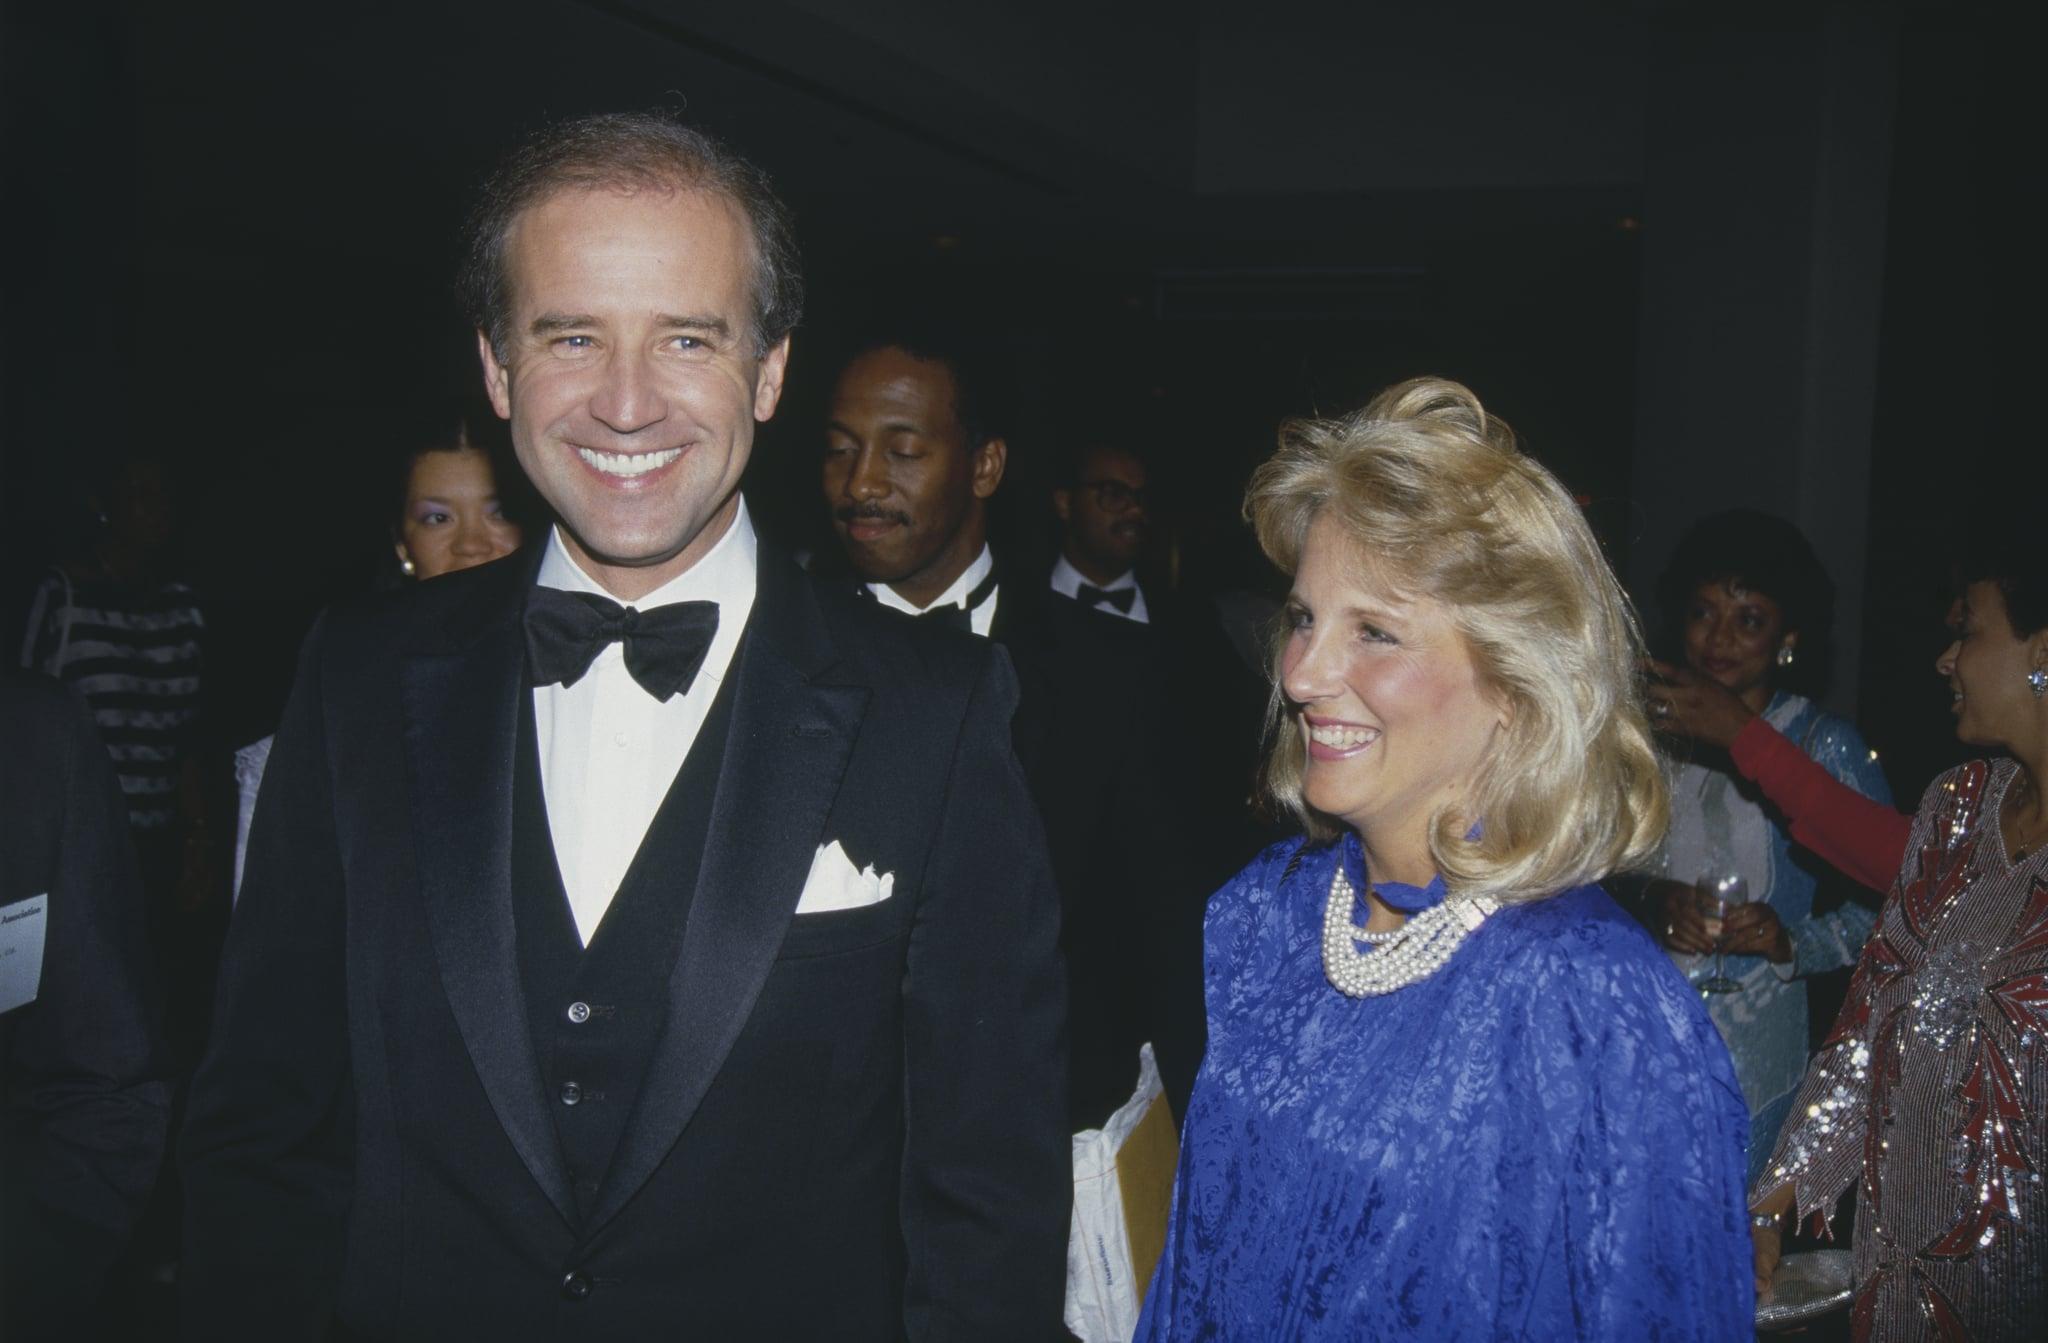 Le sénateur Joe Biden candidat à la présidence des Etats-Unis en 1987, avec sa femme Jill Biden. (Photo by Rick Maiman/Sygma via Getty Images)